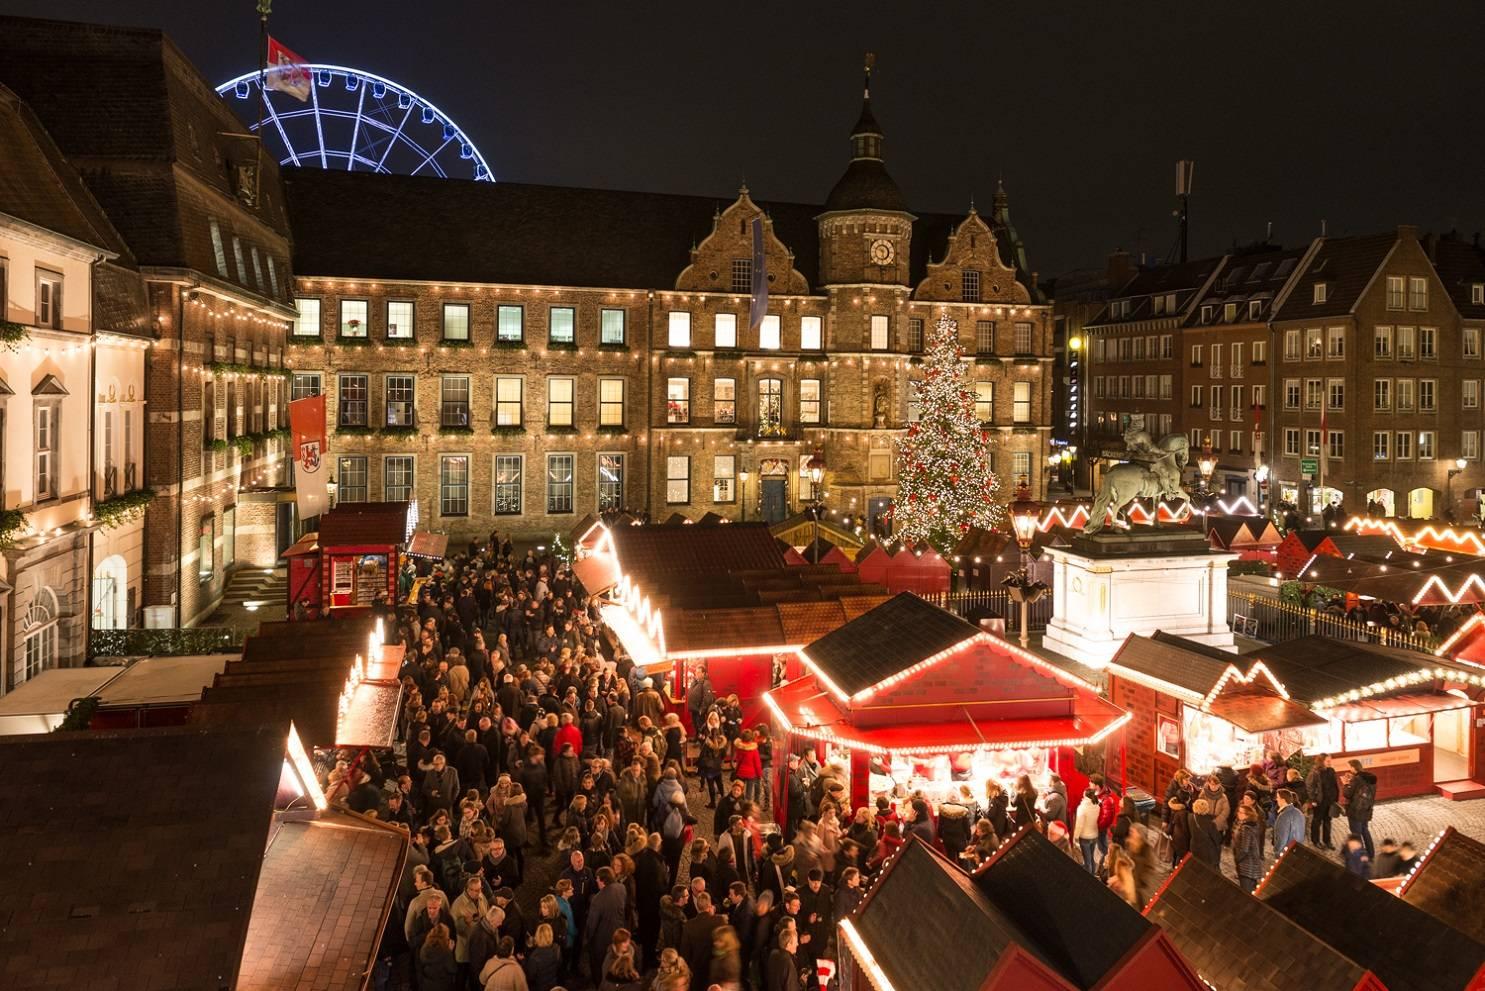 Besuch Auf Dem Weihnachtsmarkt.Letzte Chance Für Einen Weihnachtsmarkt Besuch In Düsseldorf